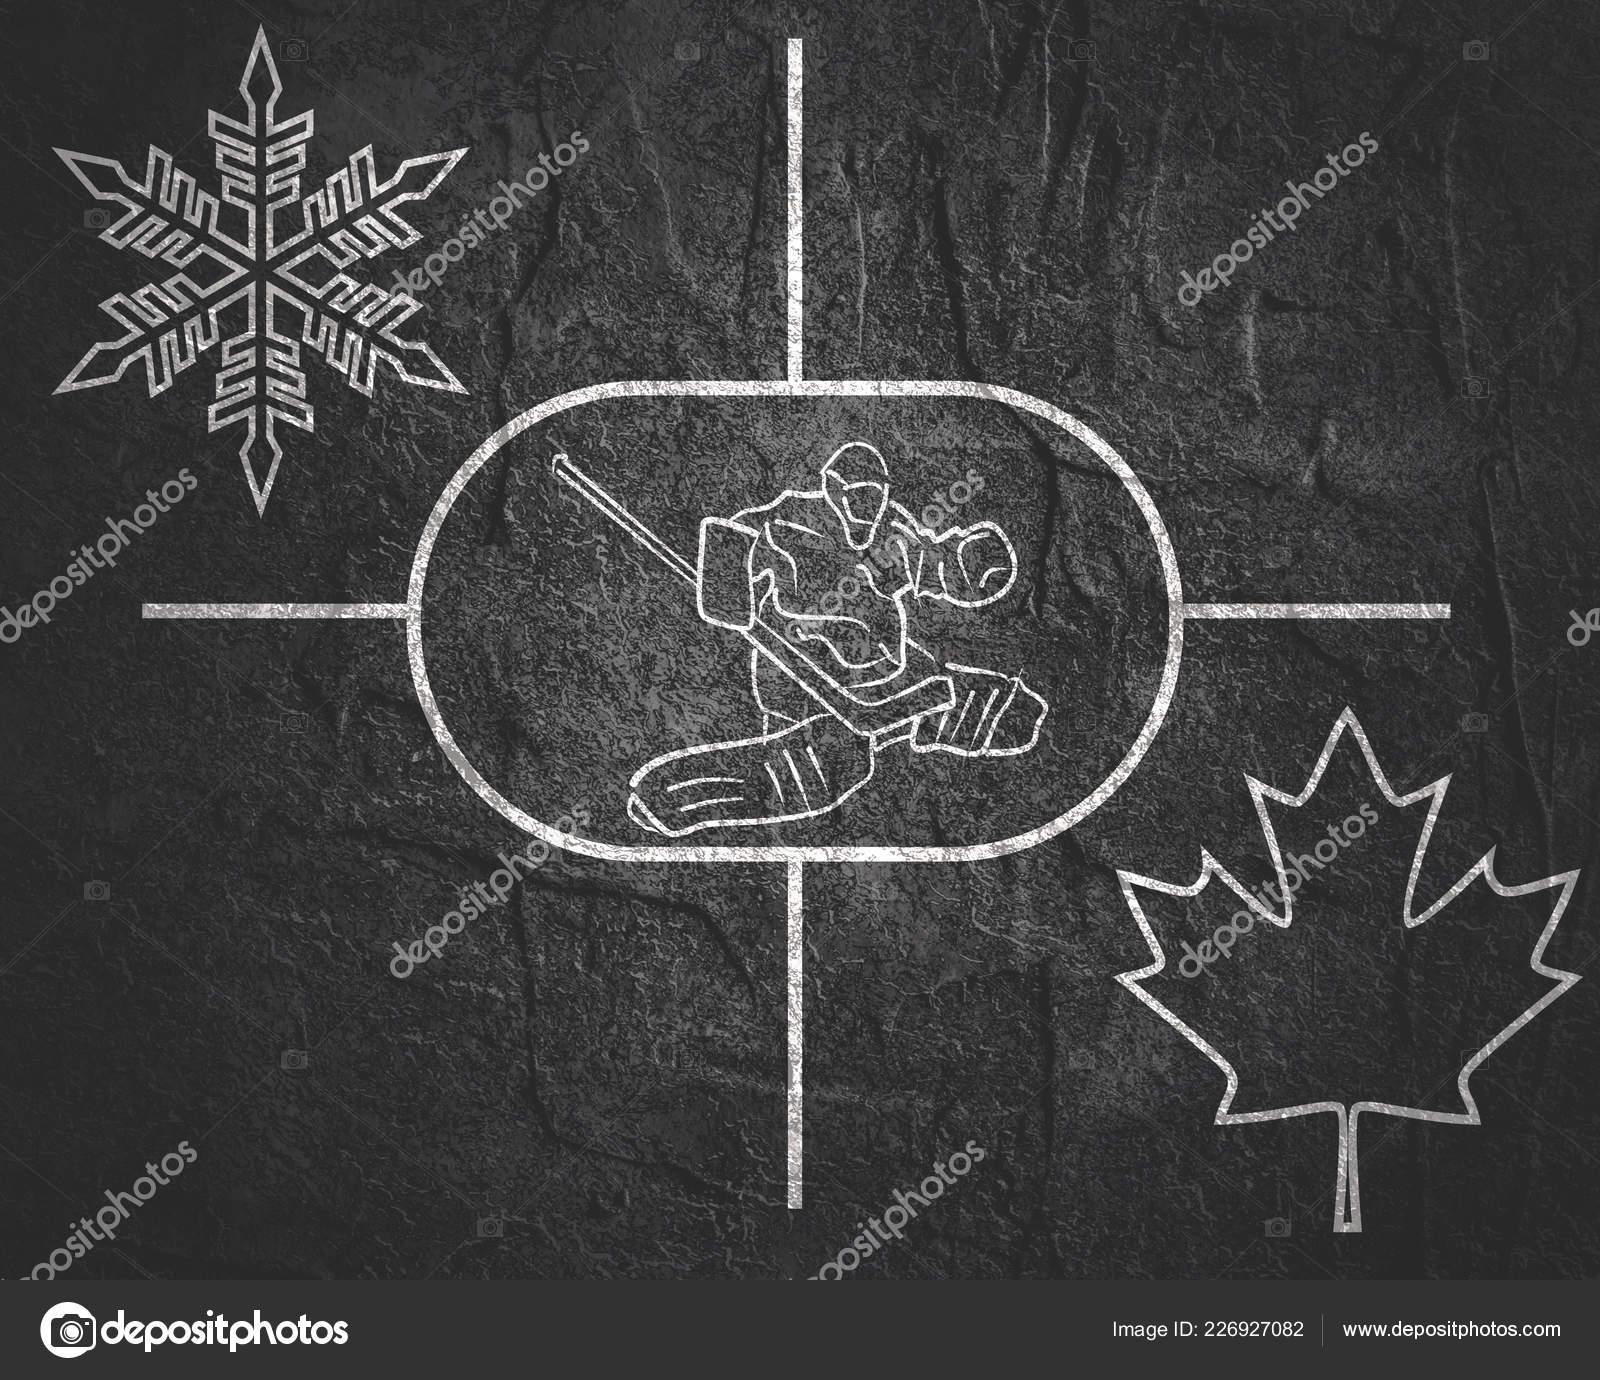 Ice Hockey Background Stock Photo C Jegas Ra 226927082